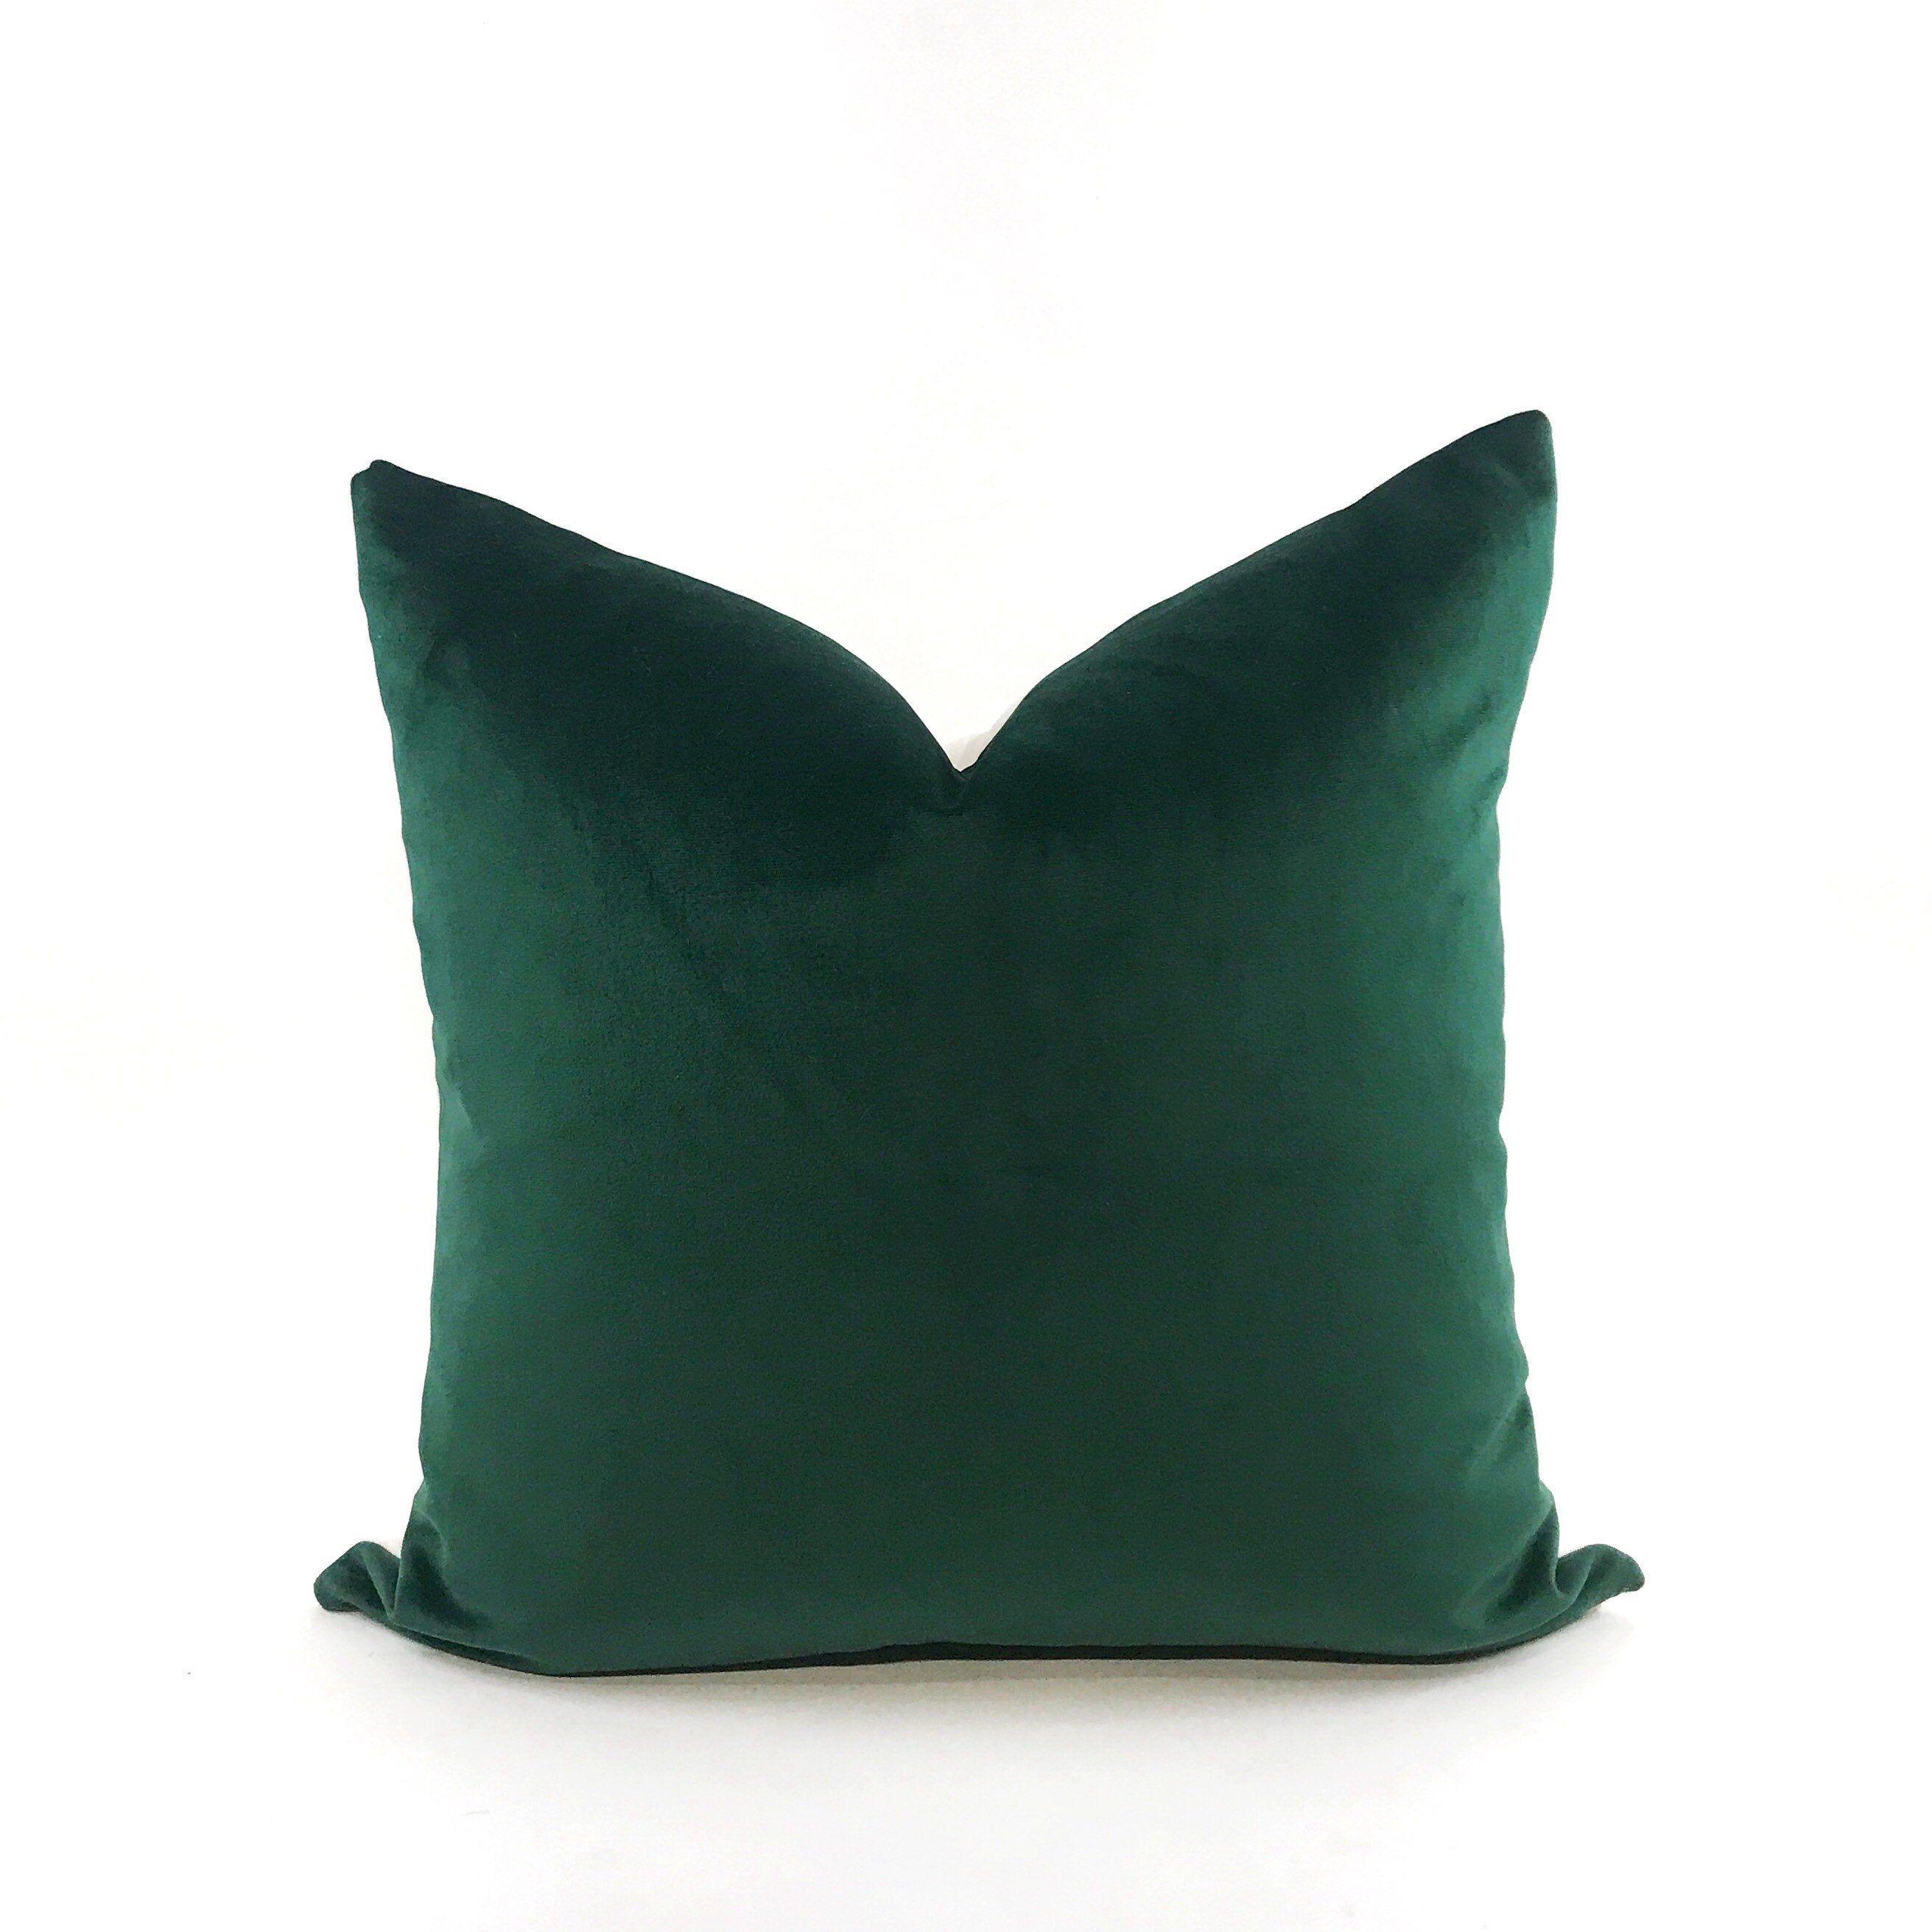 Hunter Green Velvet Throw Pillow Cover